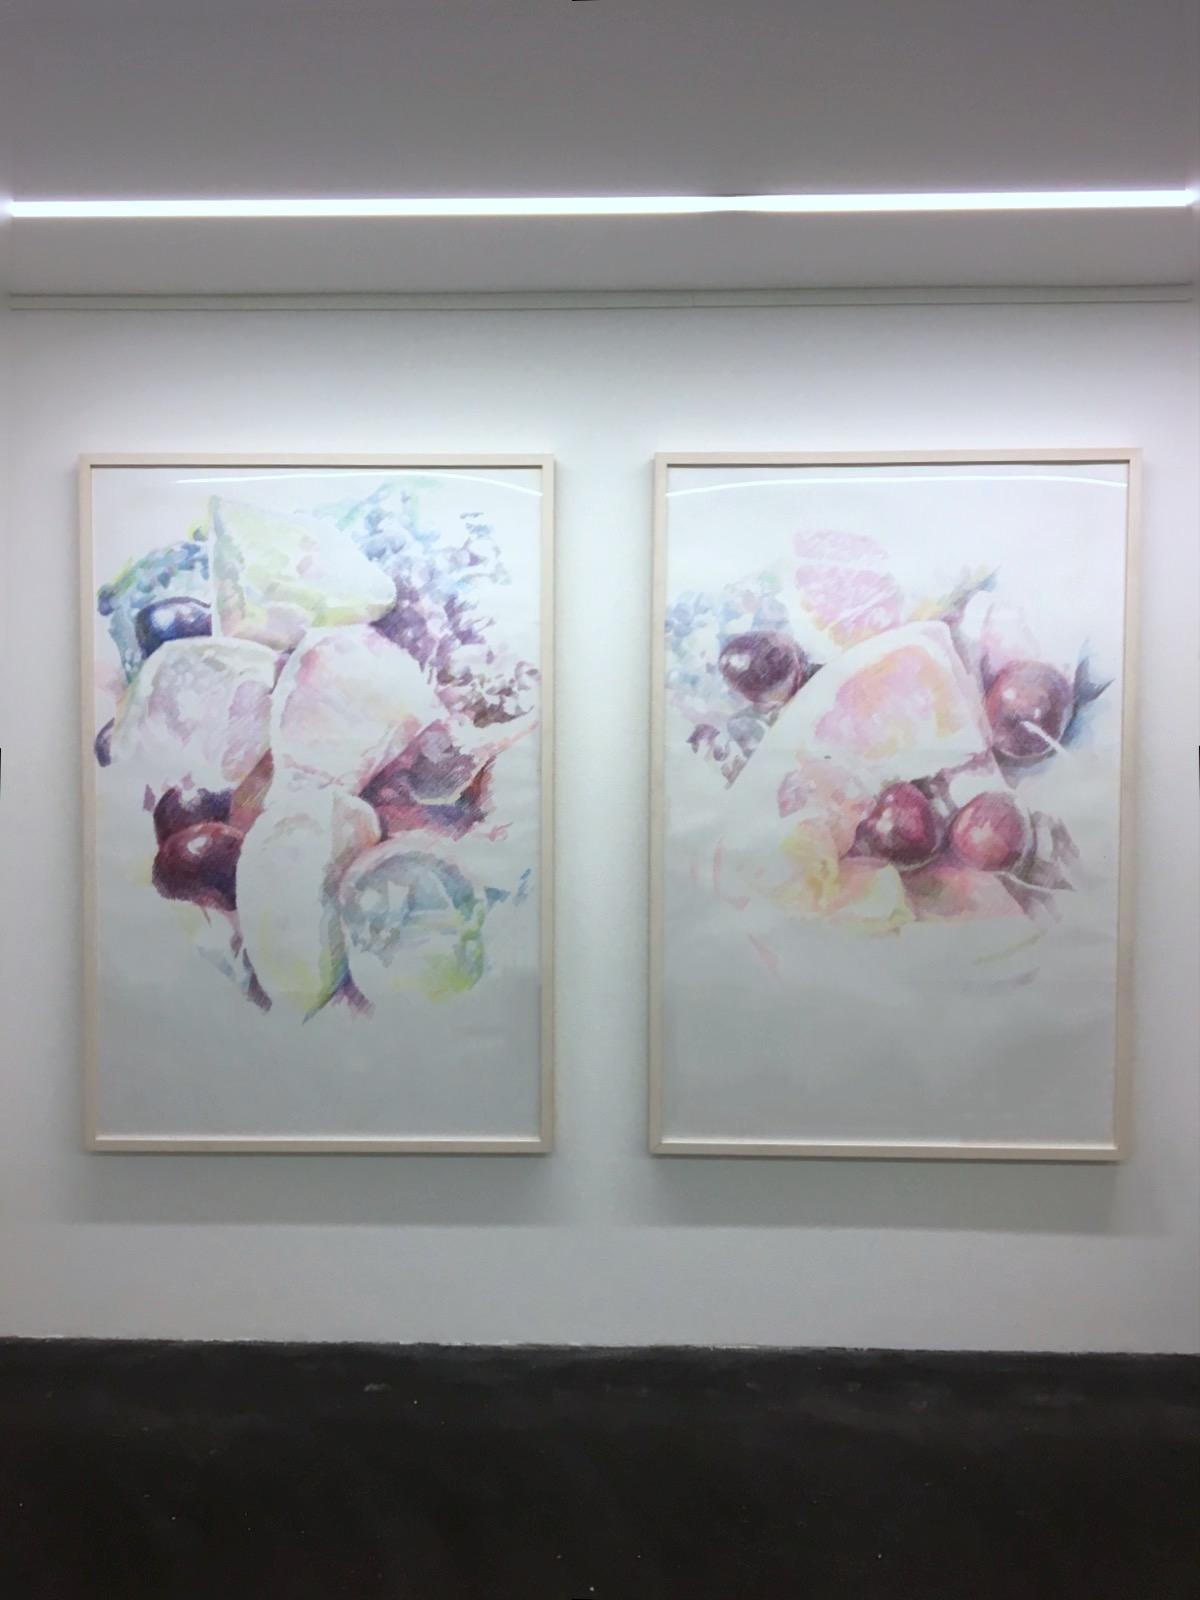 Installation View / Galerie.Z, 2016